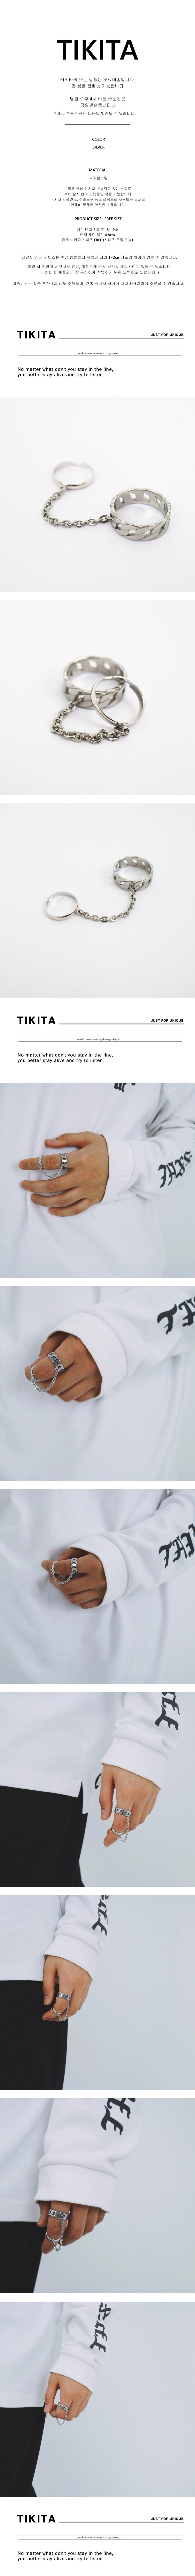 남자 연결 반지 체인 꽈배기 bold twisted - 티키타, 39,000원, 남성주얼리, 반지